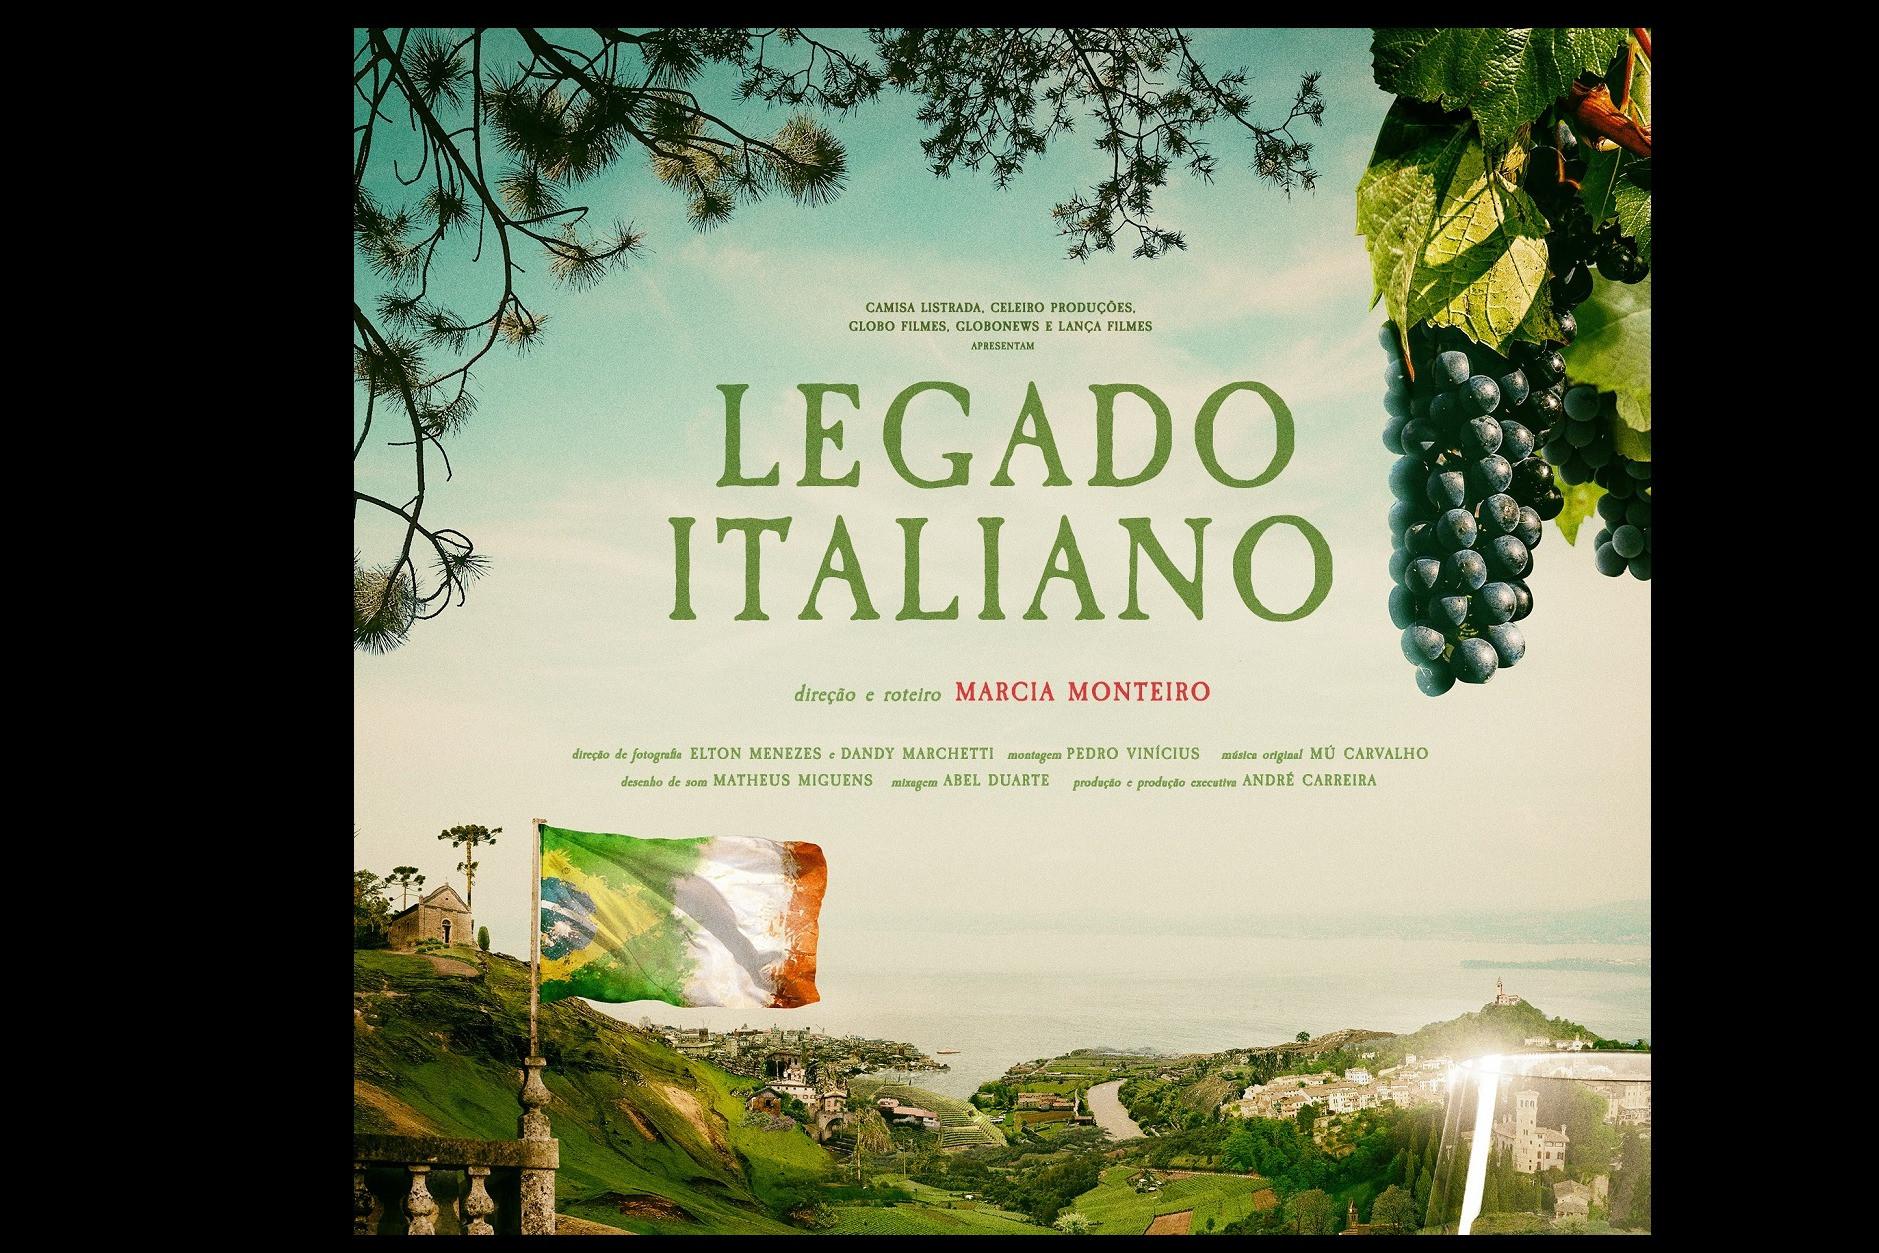 Foto Filme Legado Italiano, com cenas gravadas  em Garibaldi, revisita os 145 anos da imigração italiana no Brasil